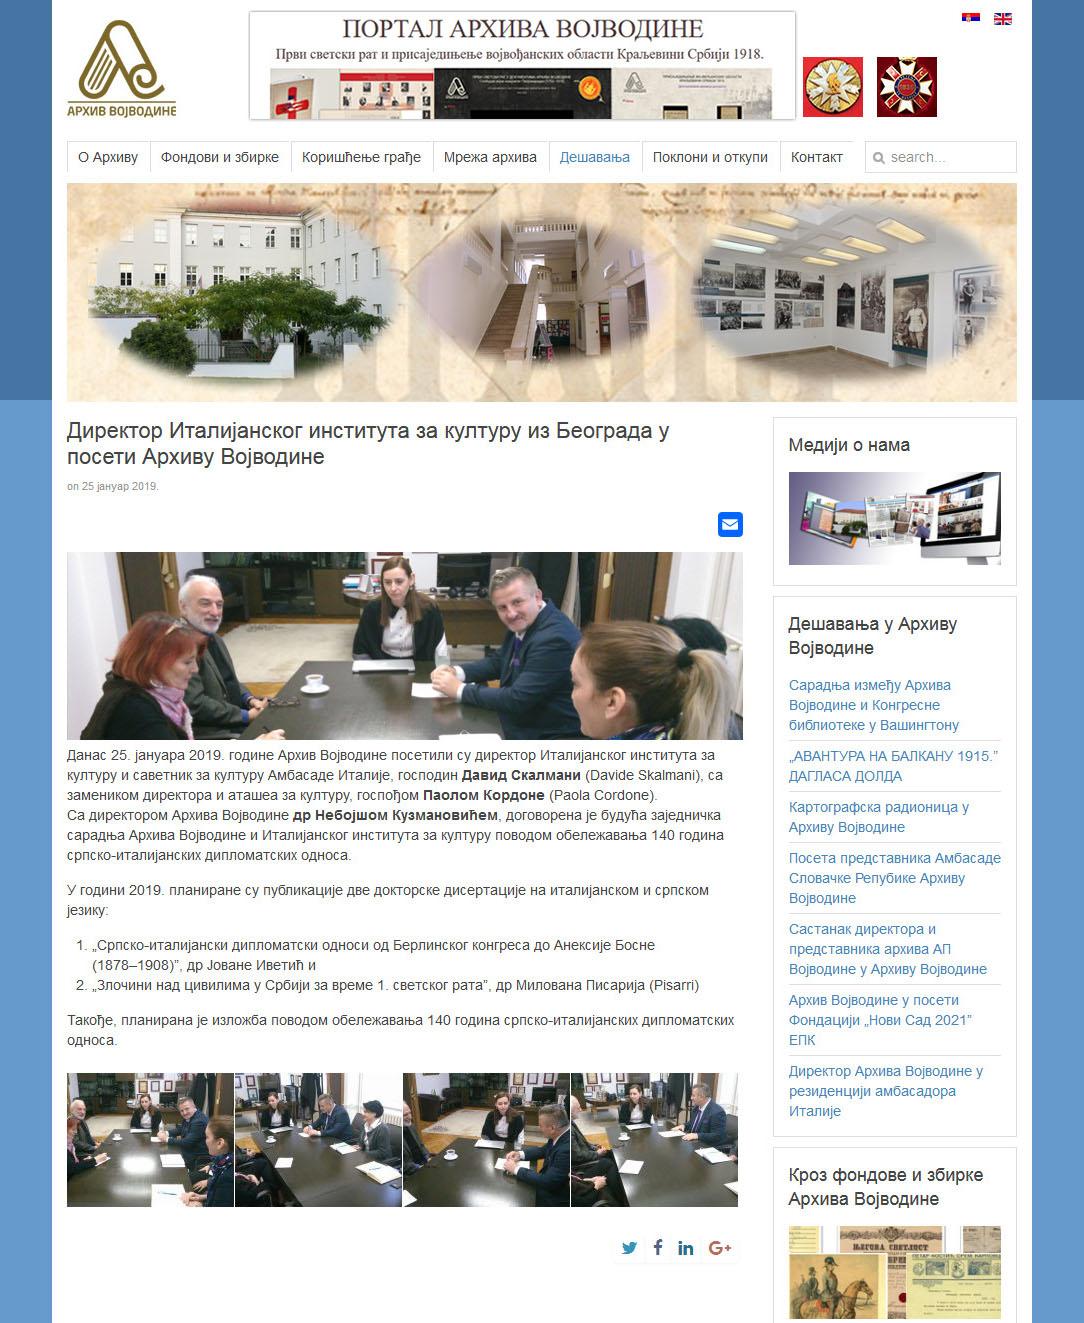 2501 - arhivvojvodine.org.rs - Direktor Italijanskog instituta za kulturu iz Beograda u poseti Arhivu Vojvodine.jpeg